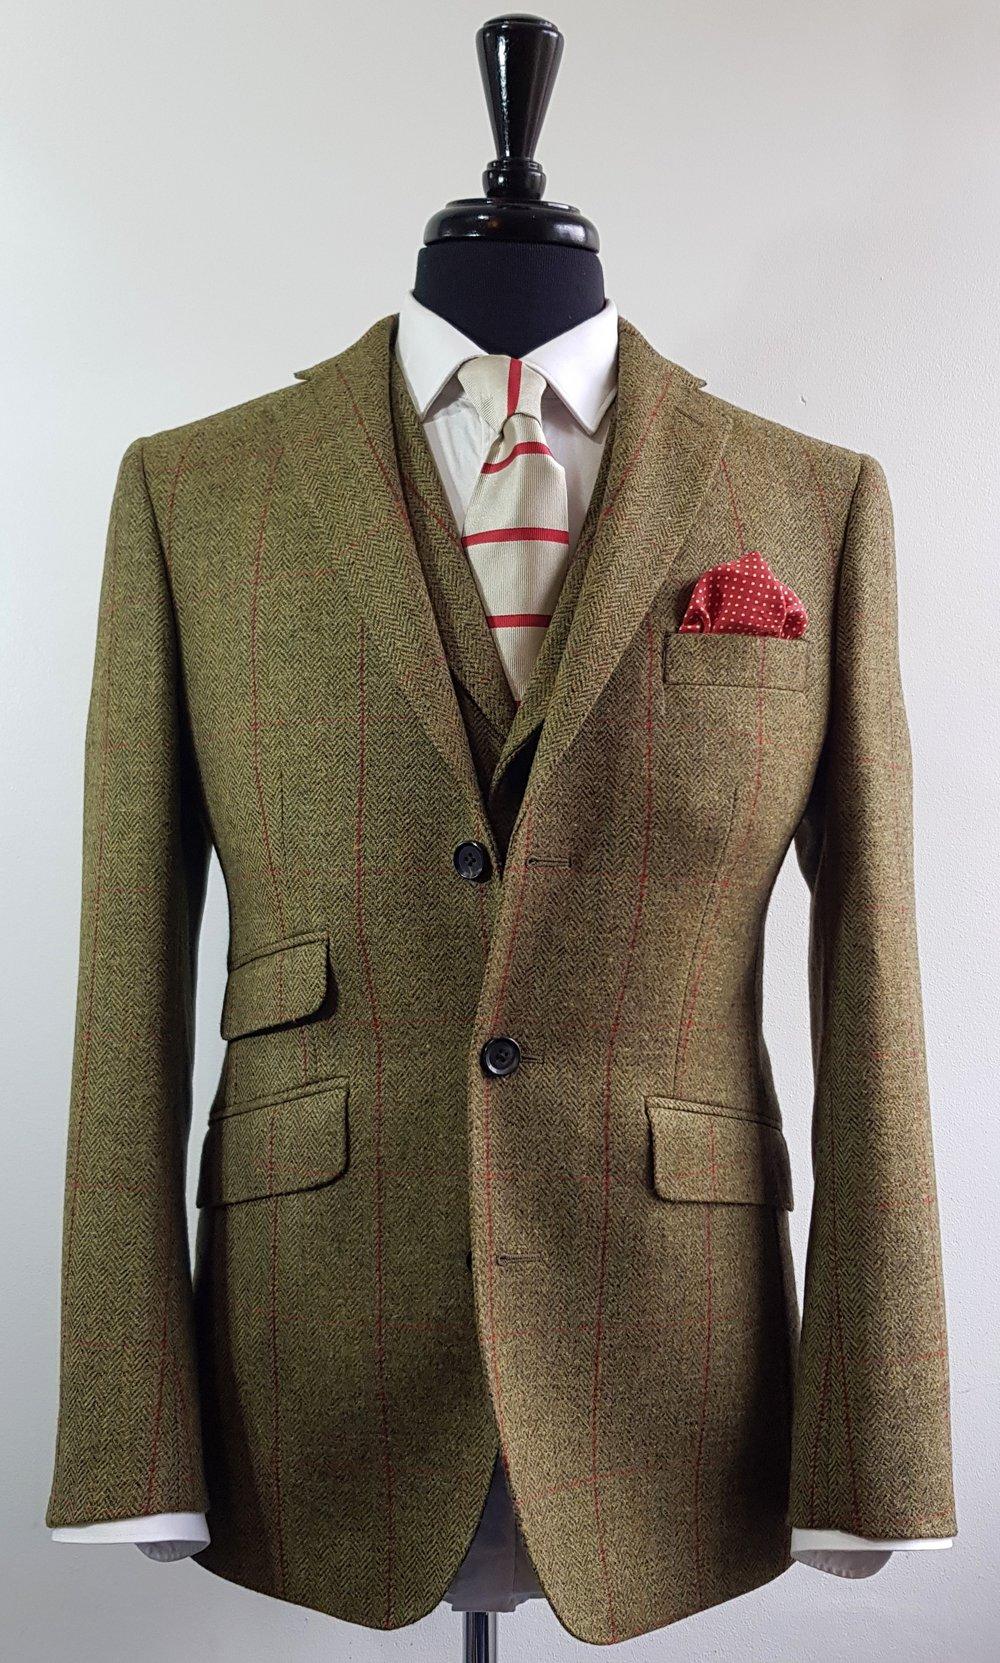 Tweed Jacket and Tweed Waistcoat (8).jpg